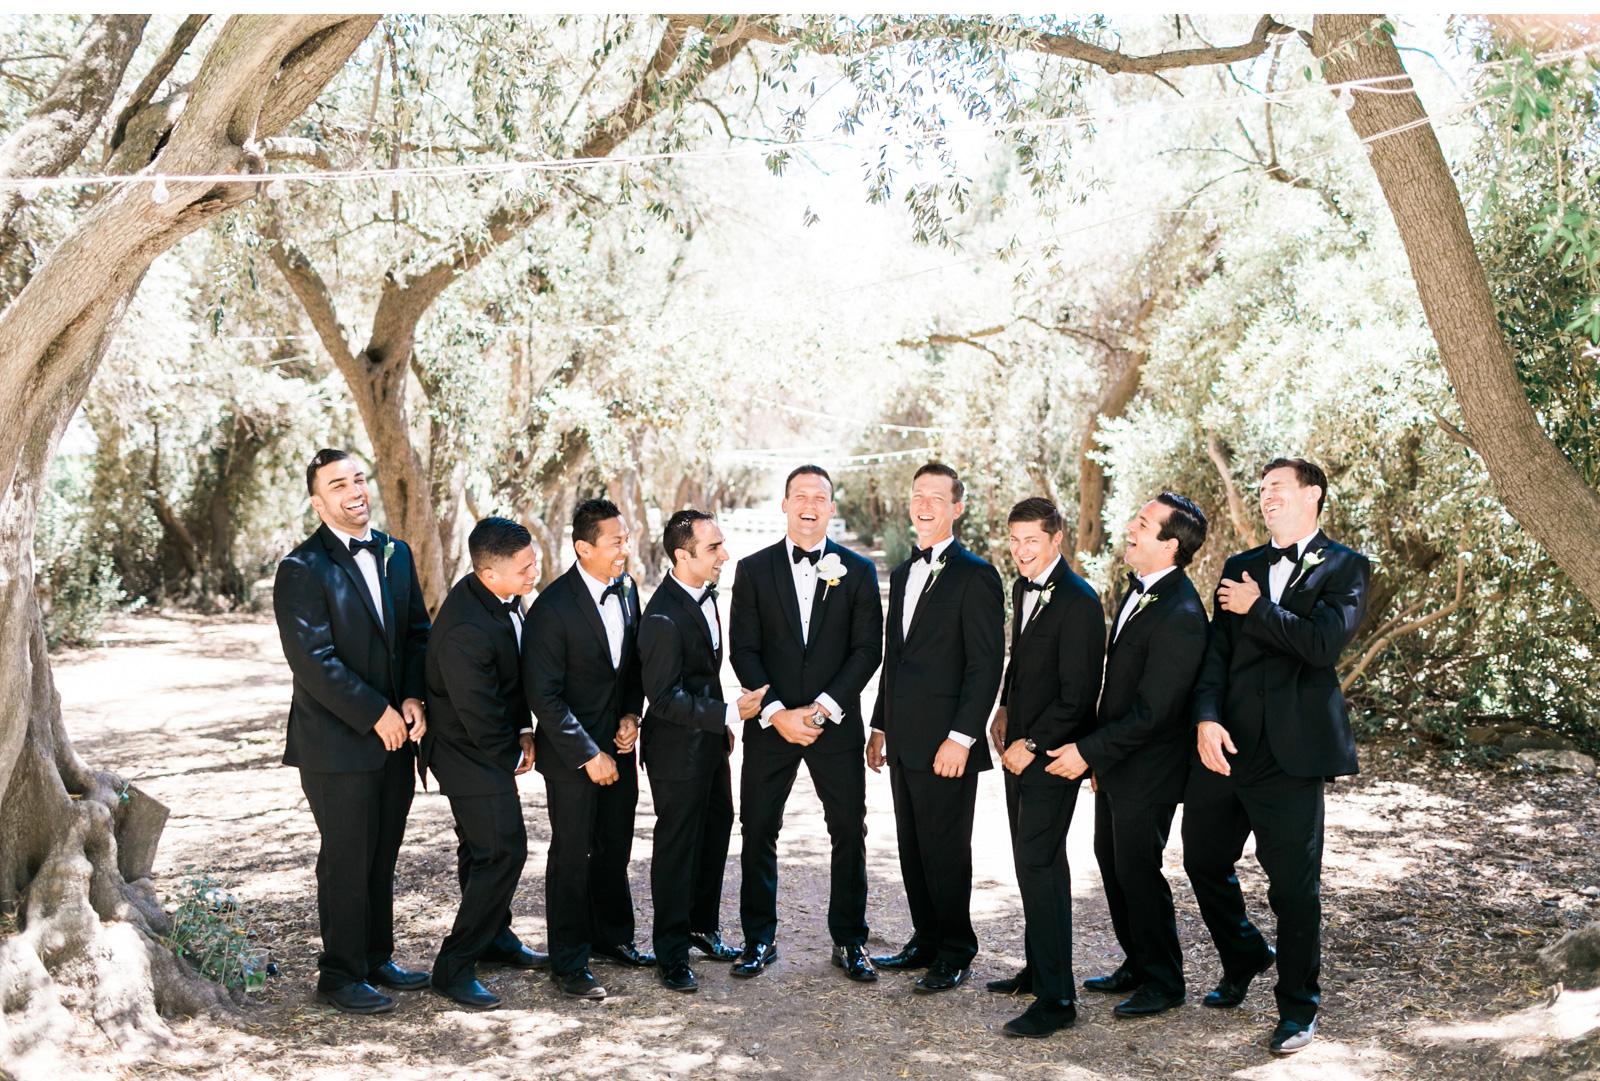 Southern-California-Fine-Art-Wedding-Natalie-Schutt-Photography_01.jpg